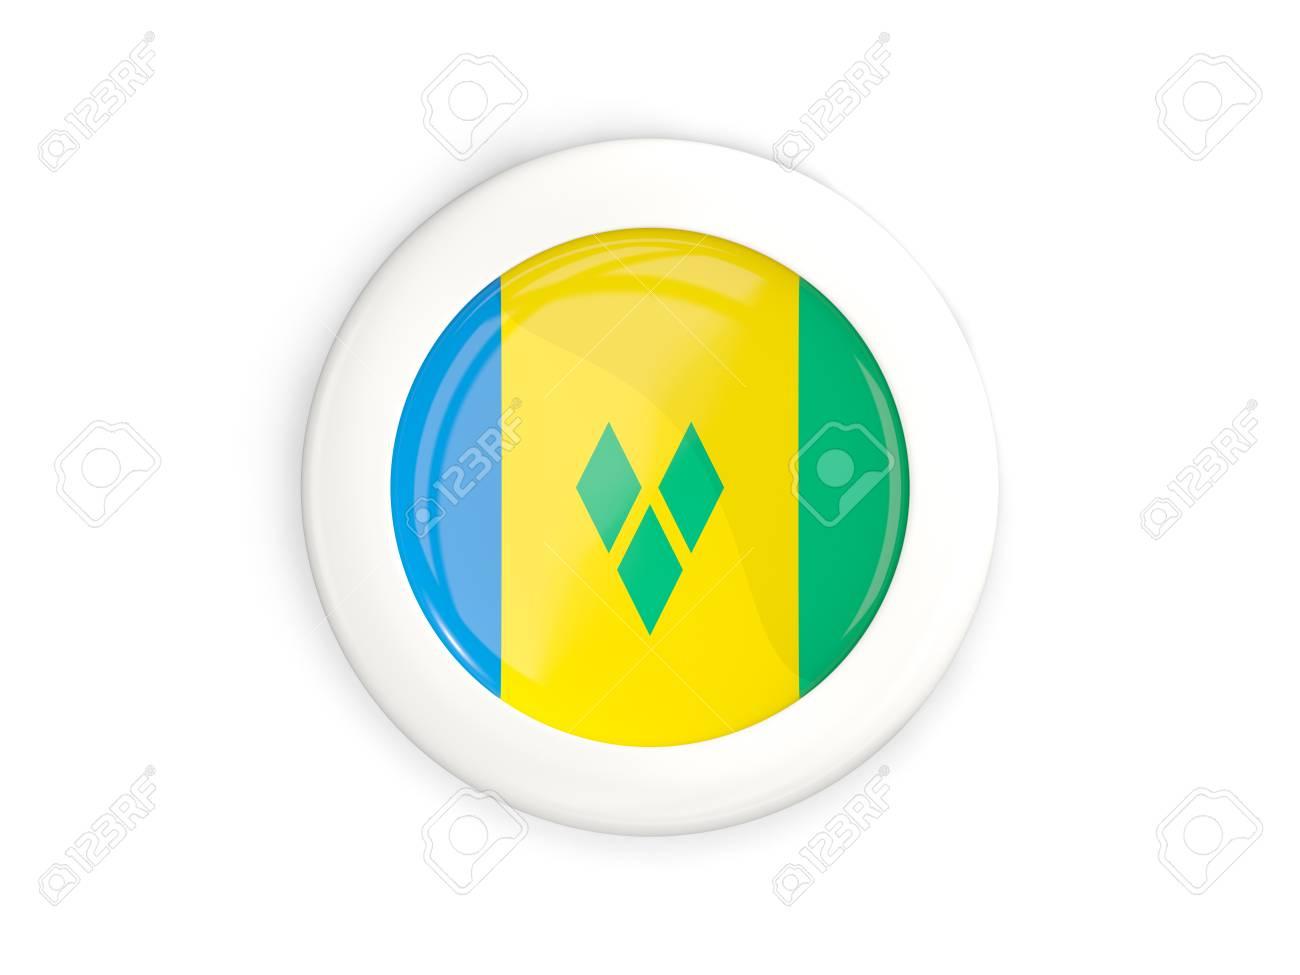 Flagge Von St. Vincent Und Von Grenadinen, Glatter Runder Knopf Mit ...